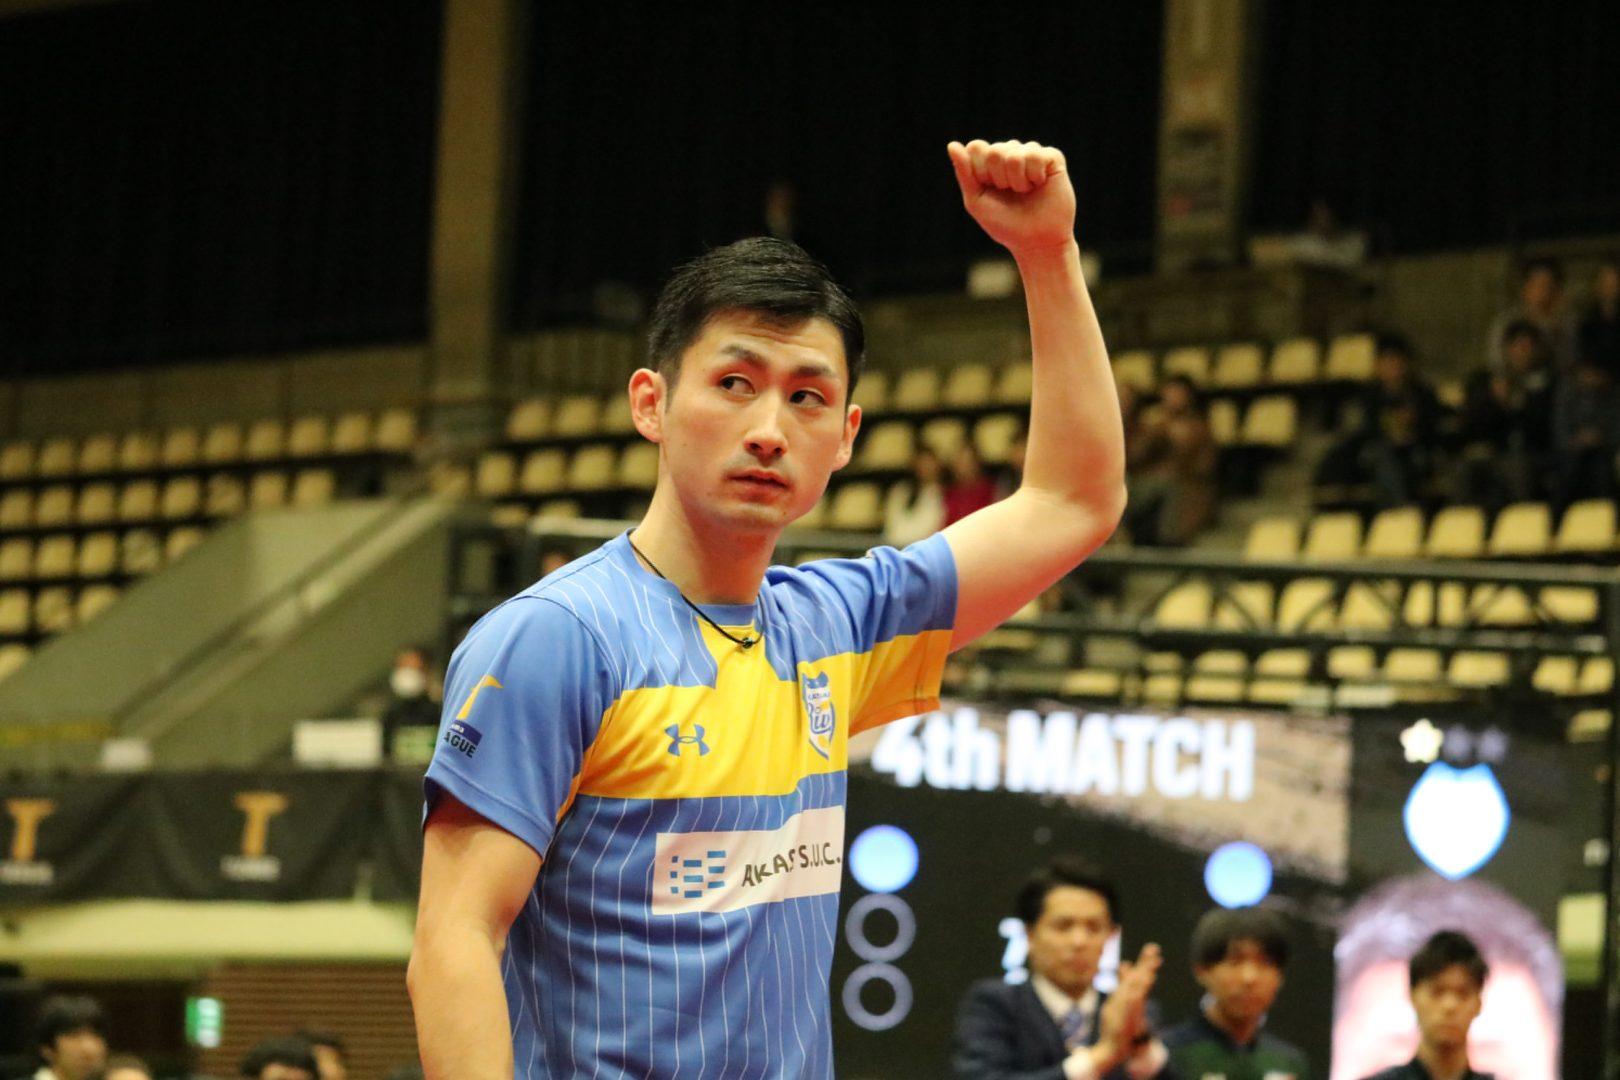 【卓球・Tリーグ】岡山、琉球に3連勝 上田が2点取りで主将の意地を見せる